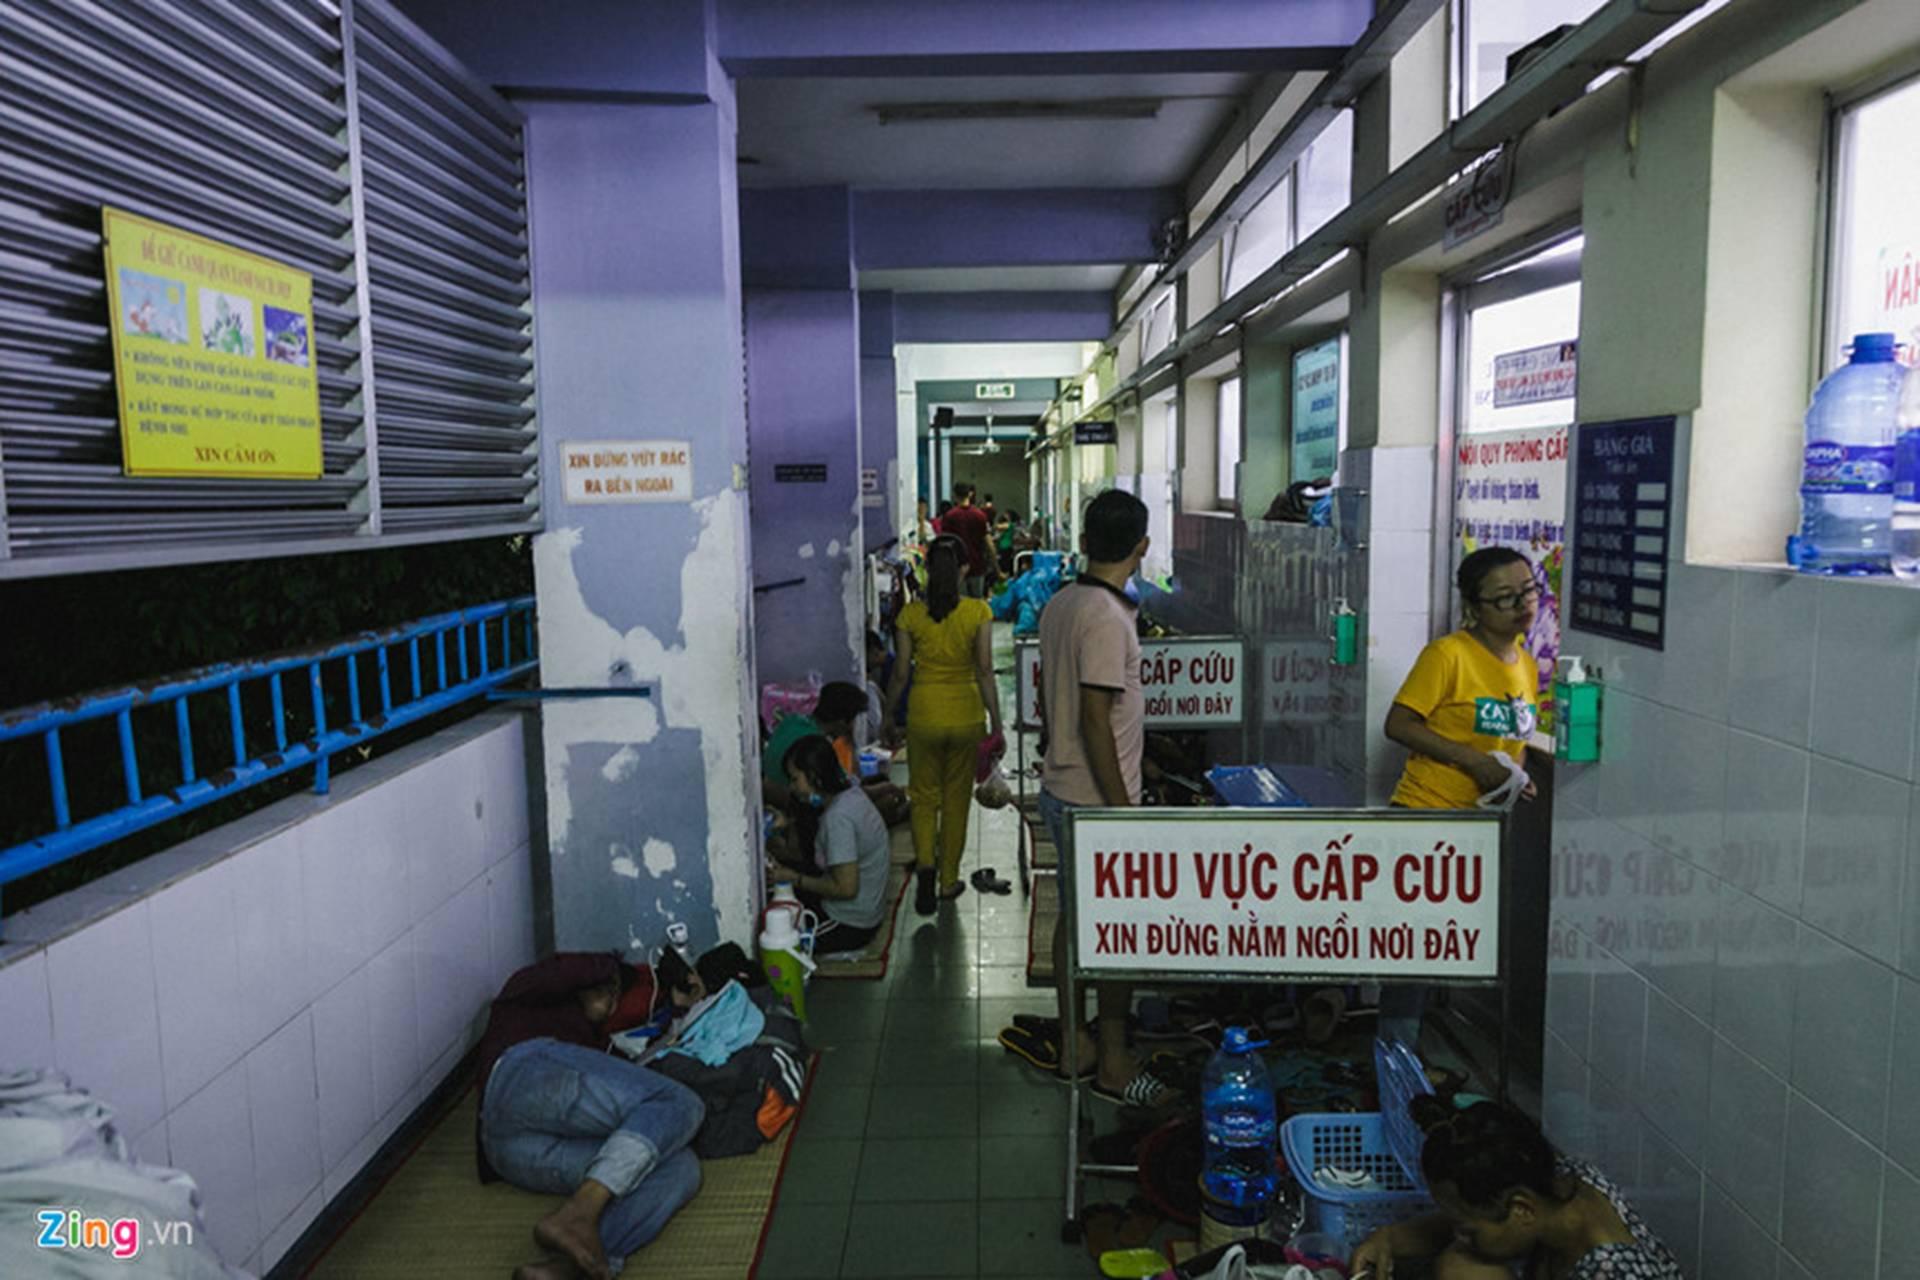 Bệnh viện Nhi ở Sài Gòn vỡ trận vì dịch chồng dịch-32